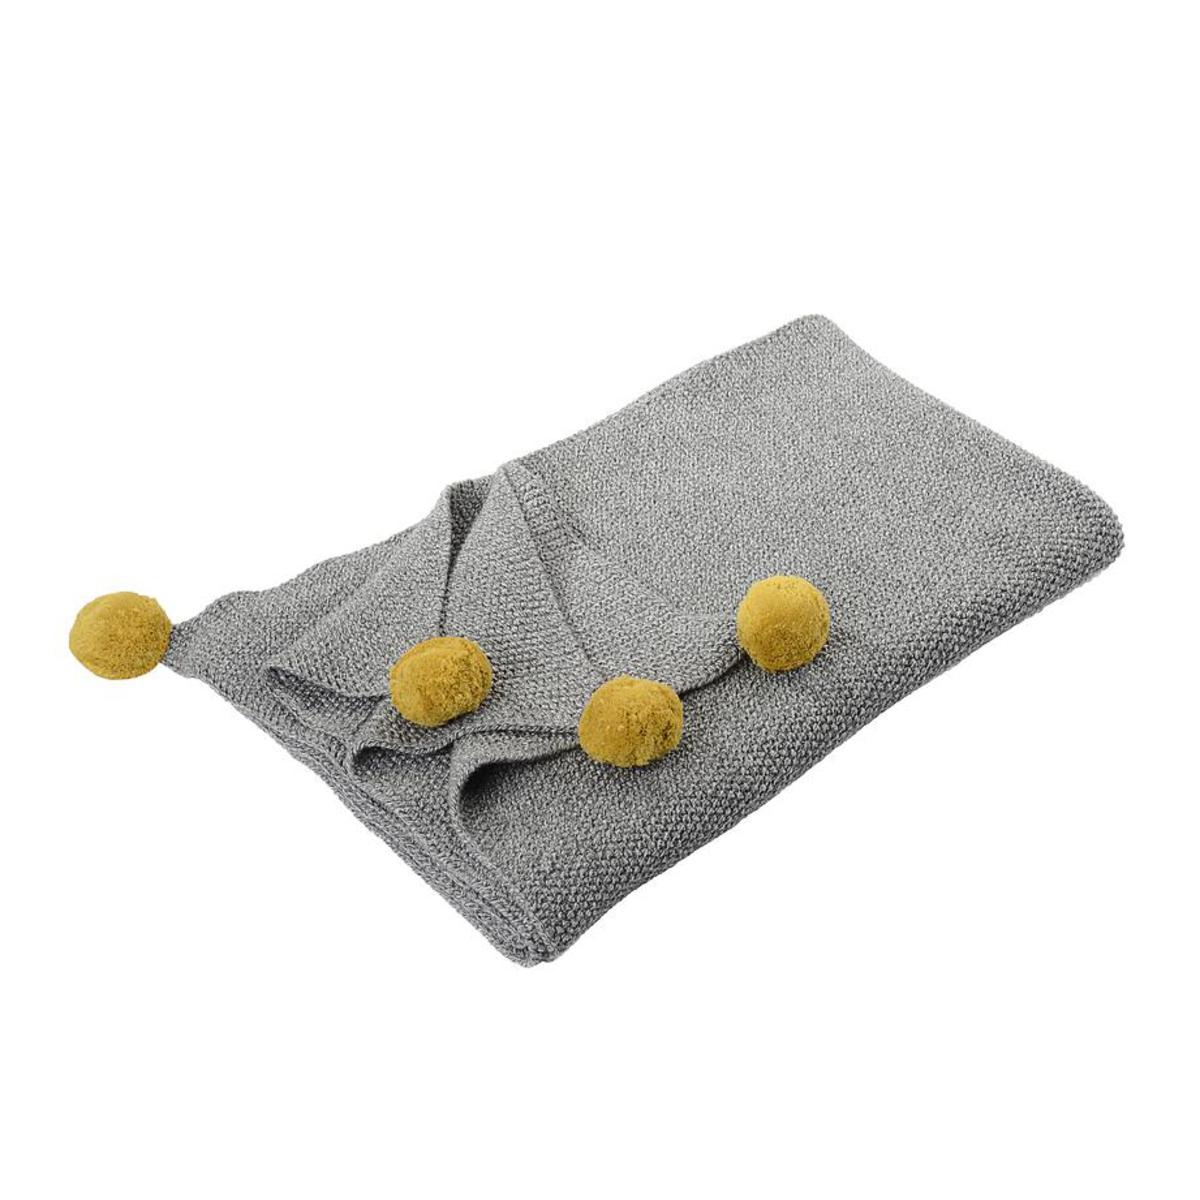 Linge de lit Couverture en Coton - Grise Pompons Jaunes Couverture en Coton - Grise Pompons Jaunes